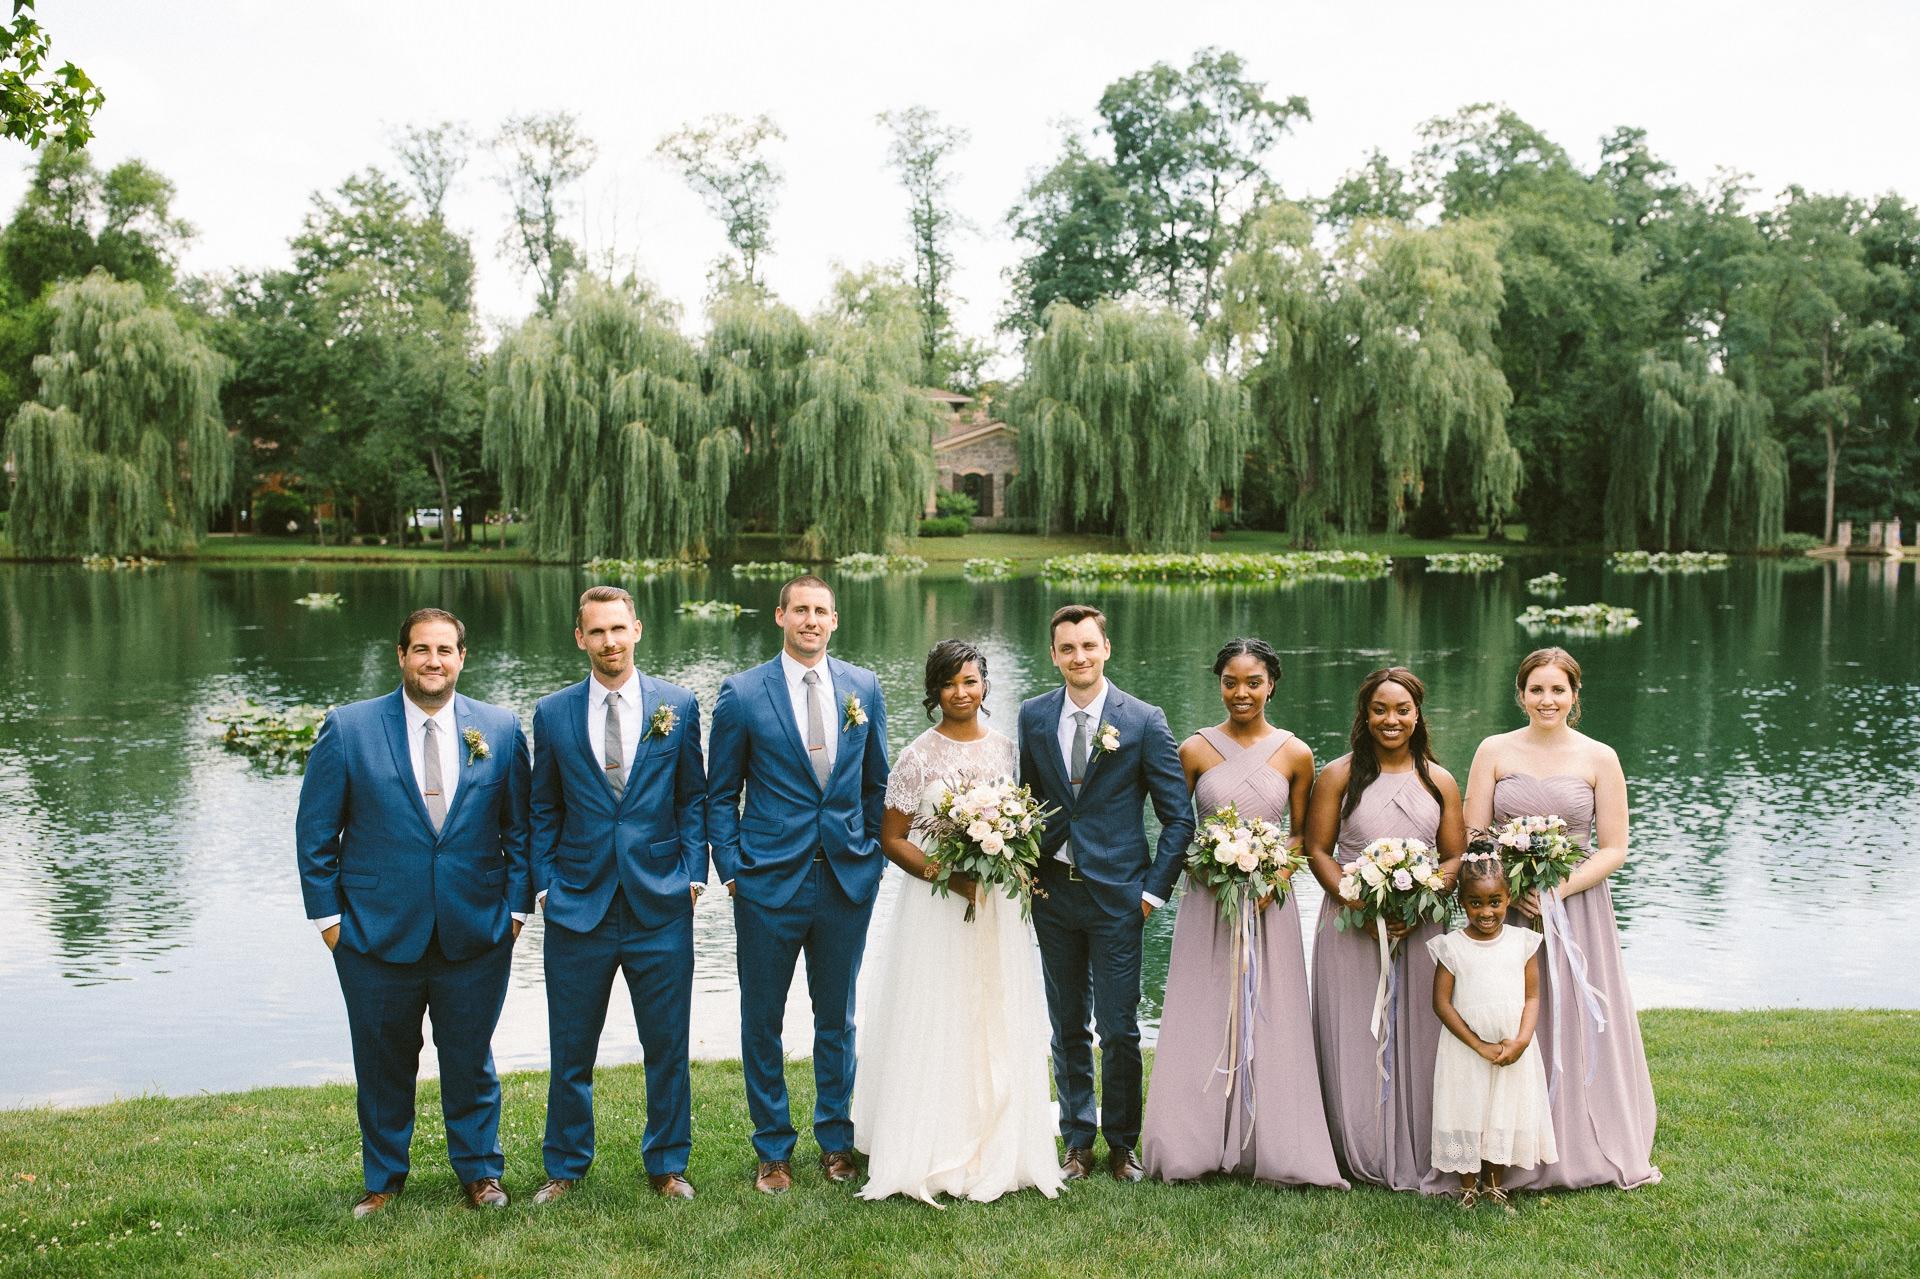 Gervasi Wedding Photographer in Canton Ohio 41.jpg